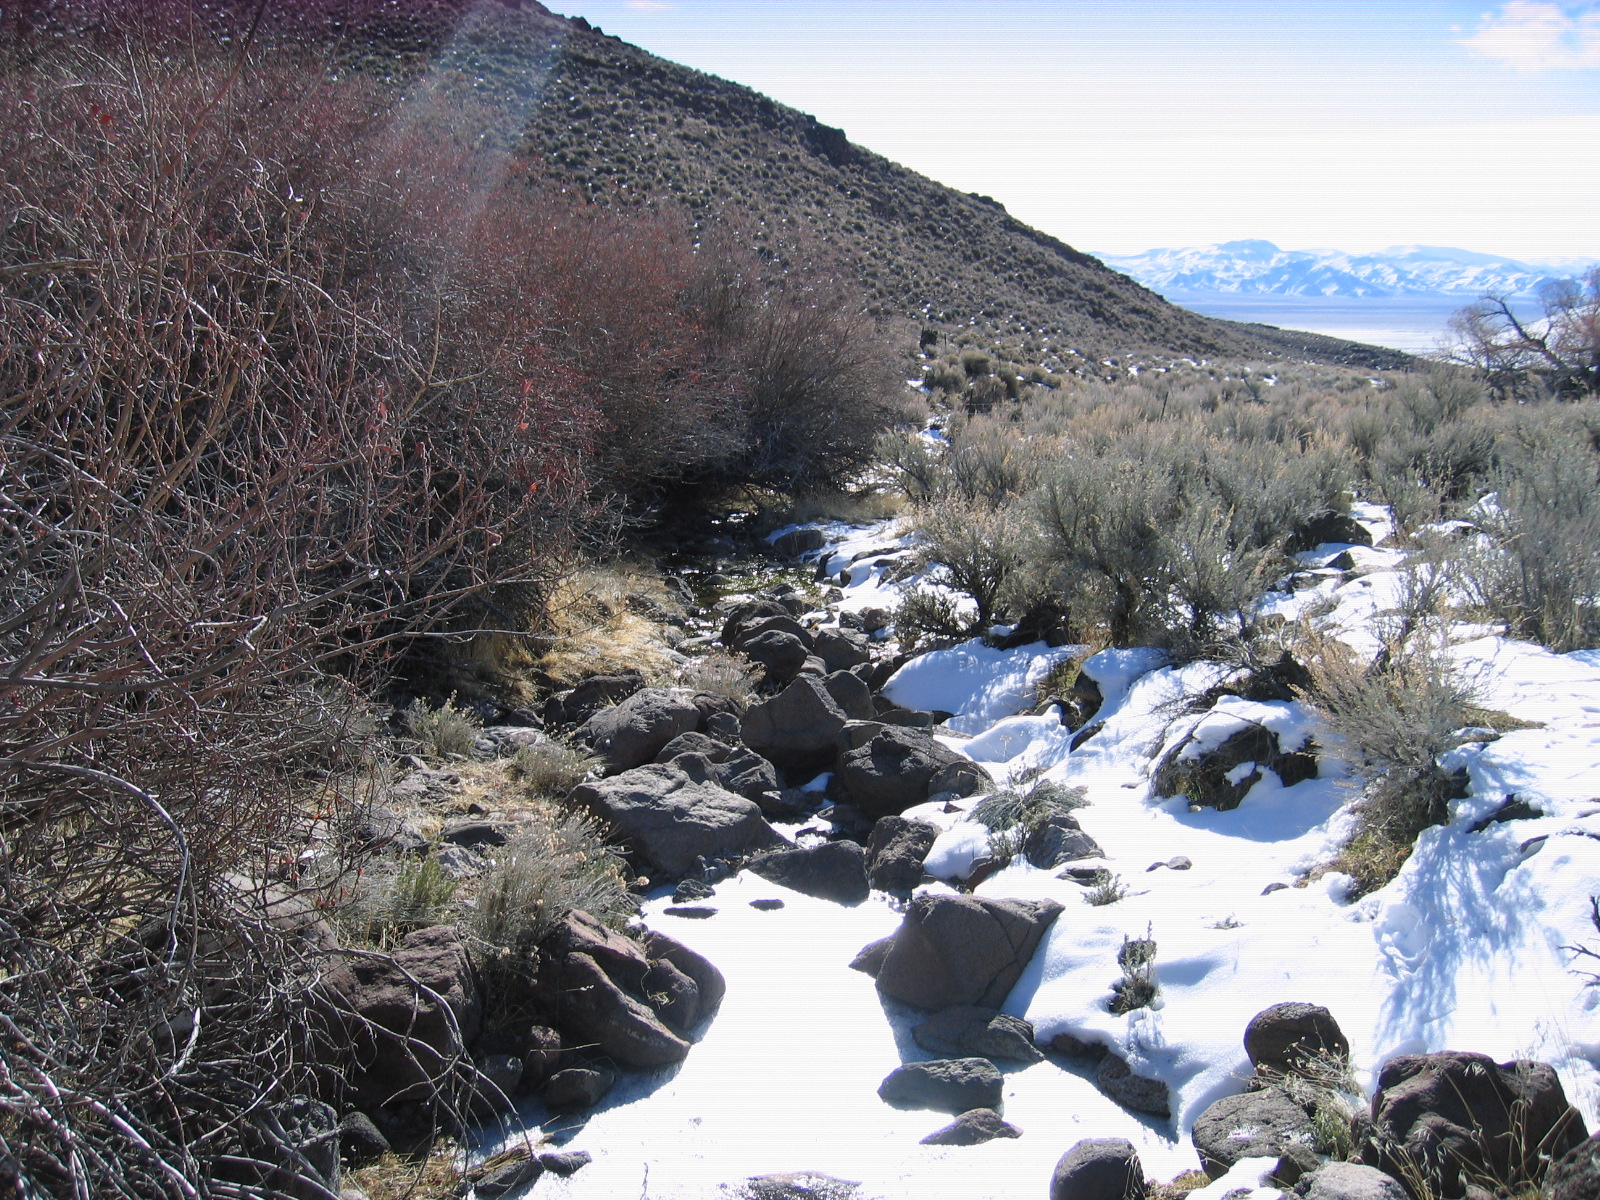 03-01-2011 Dove Creek 002.jpg